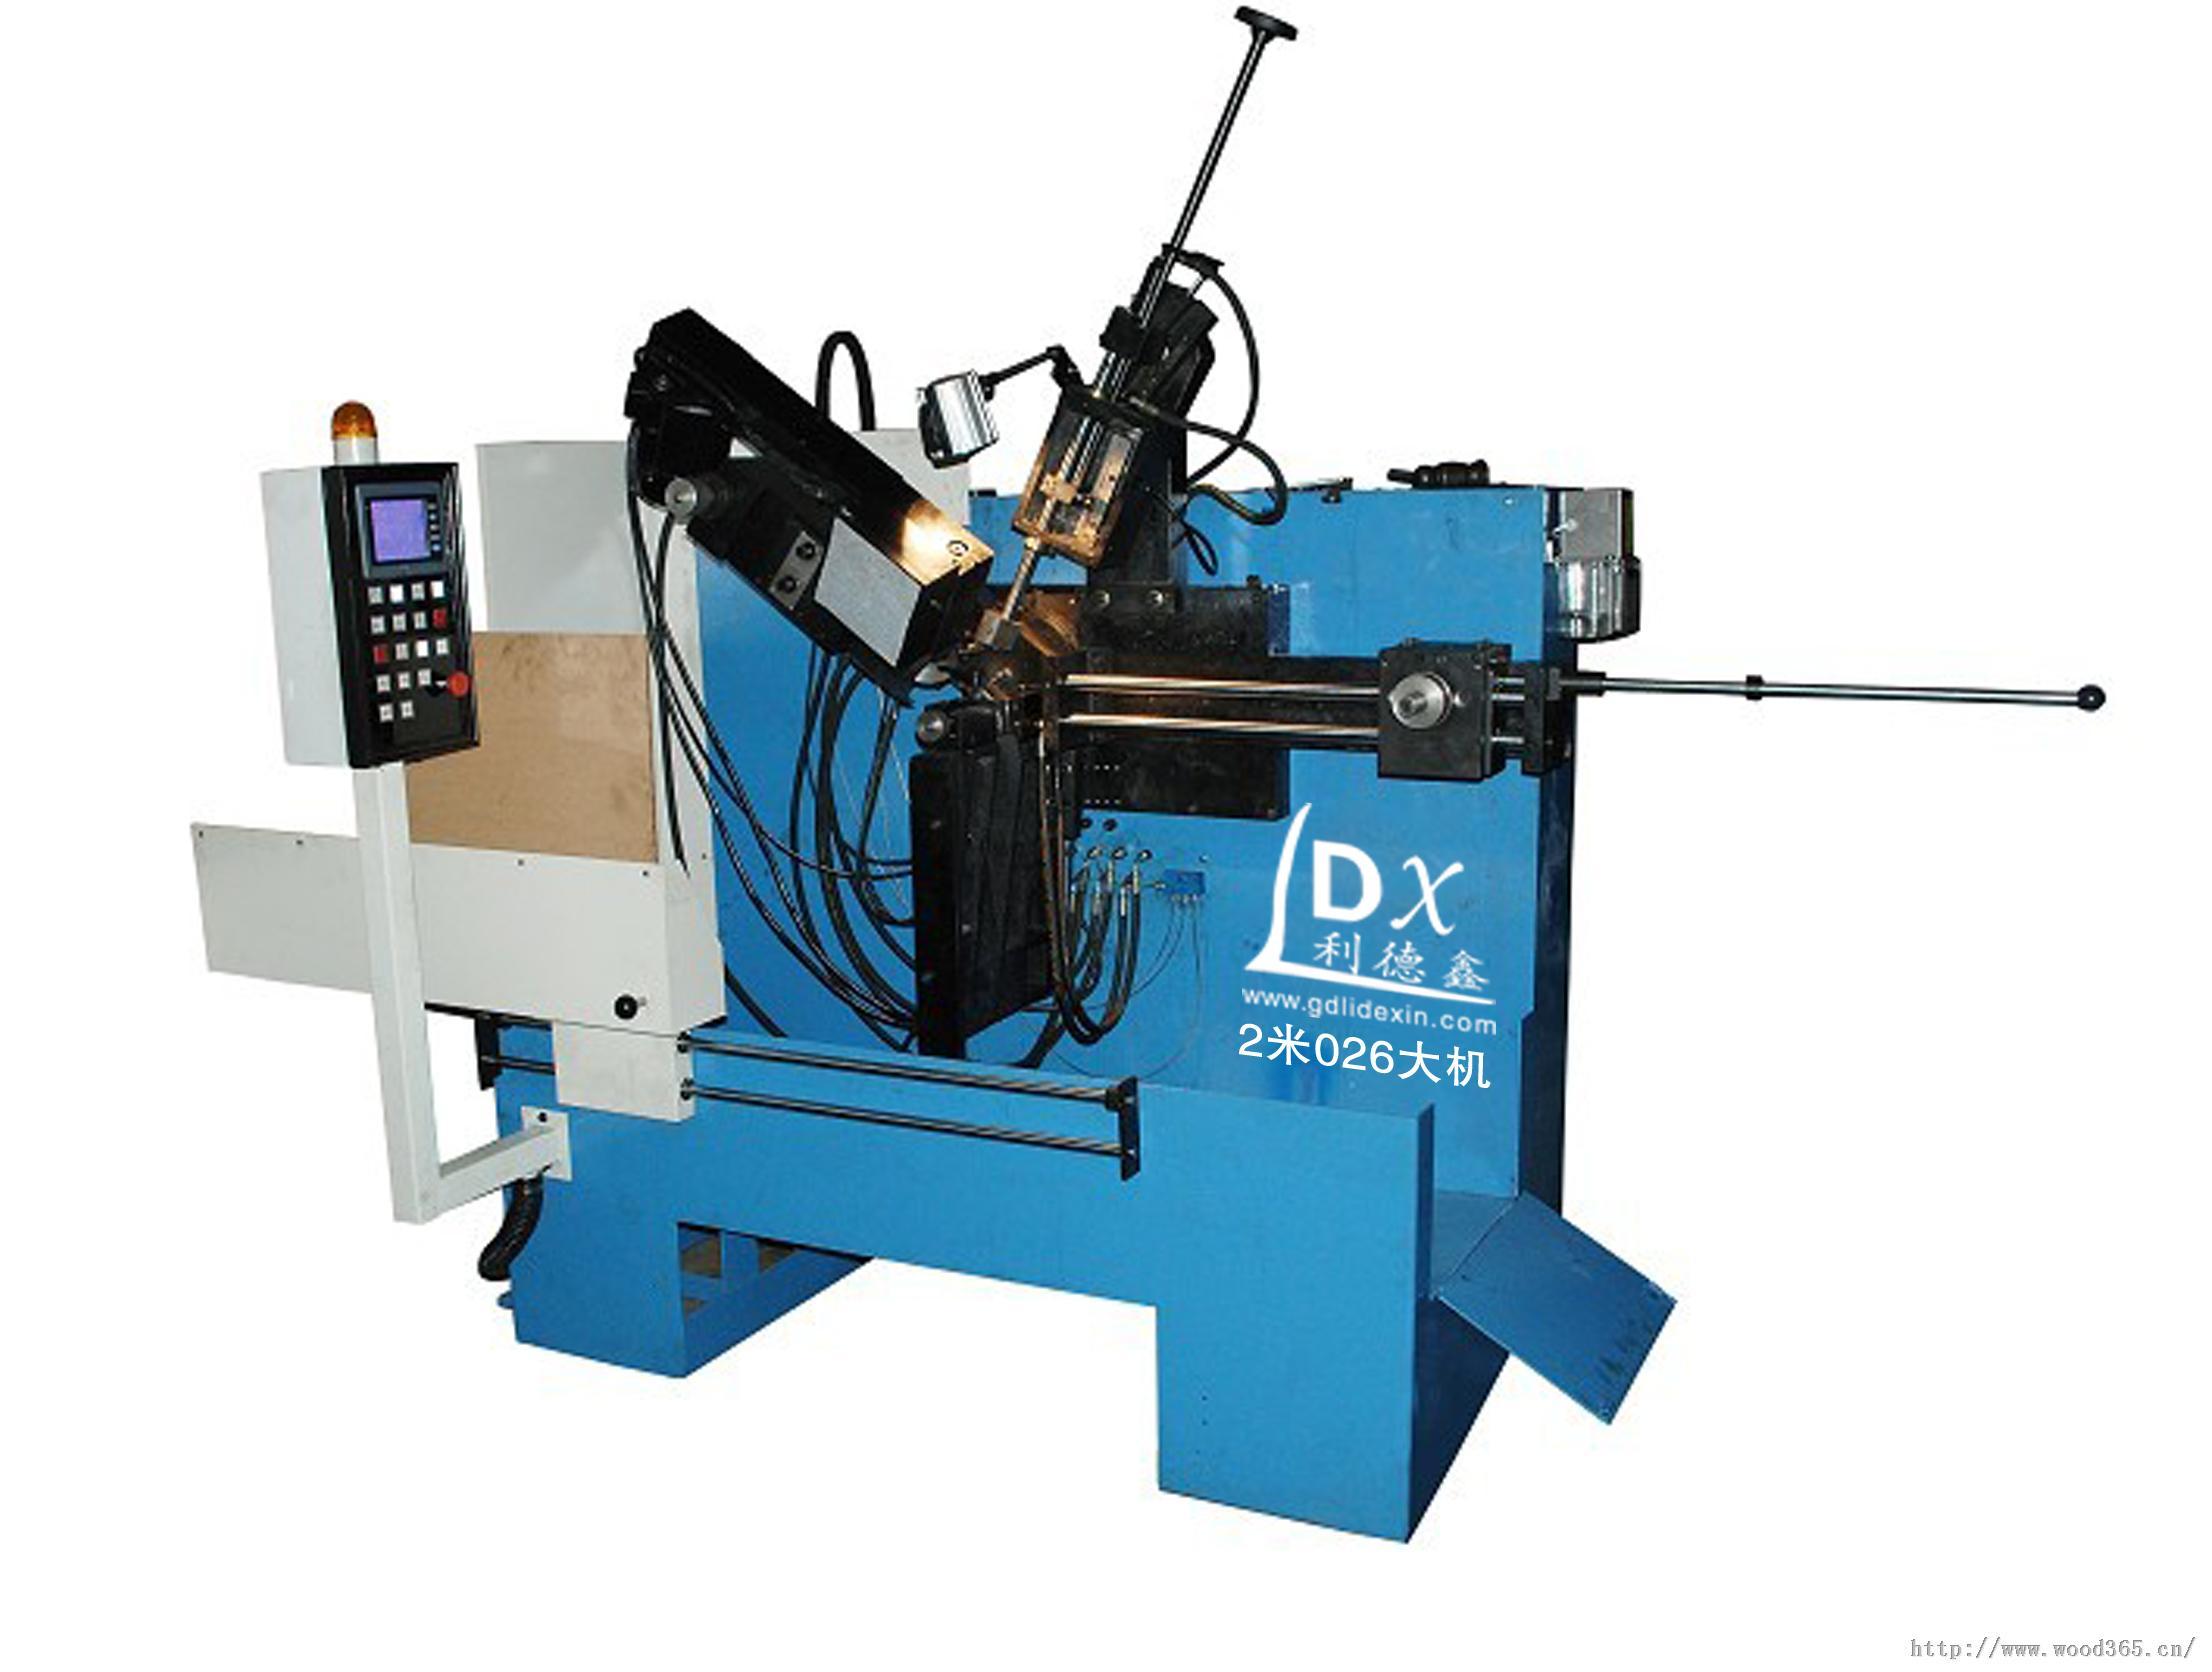 维修锯片磨齿机利德鑫机械维修全自动合金锯片磨齿机前后角机侧磨机